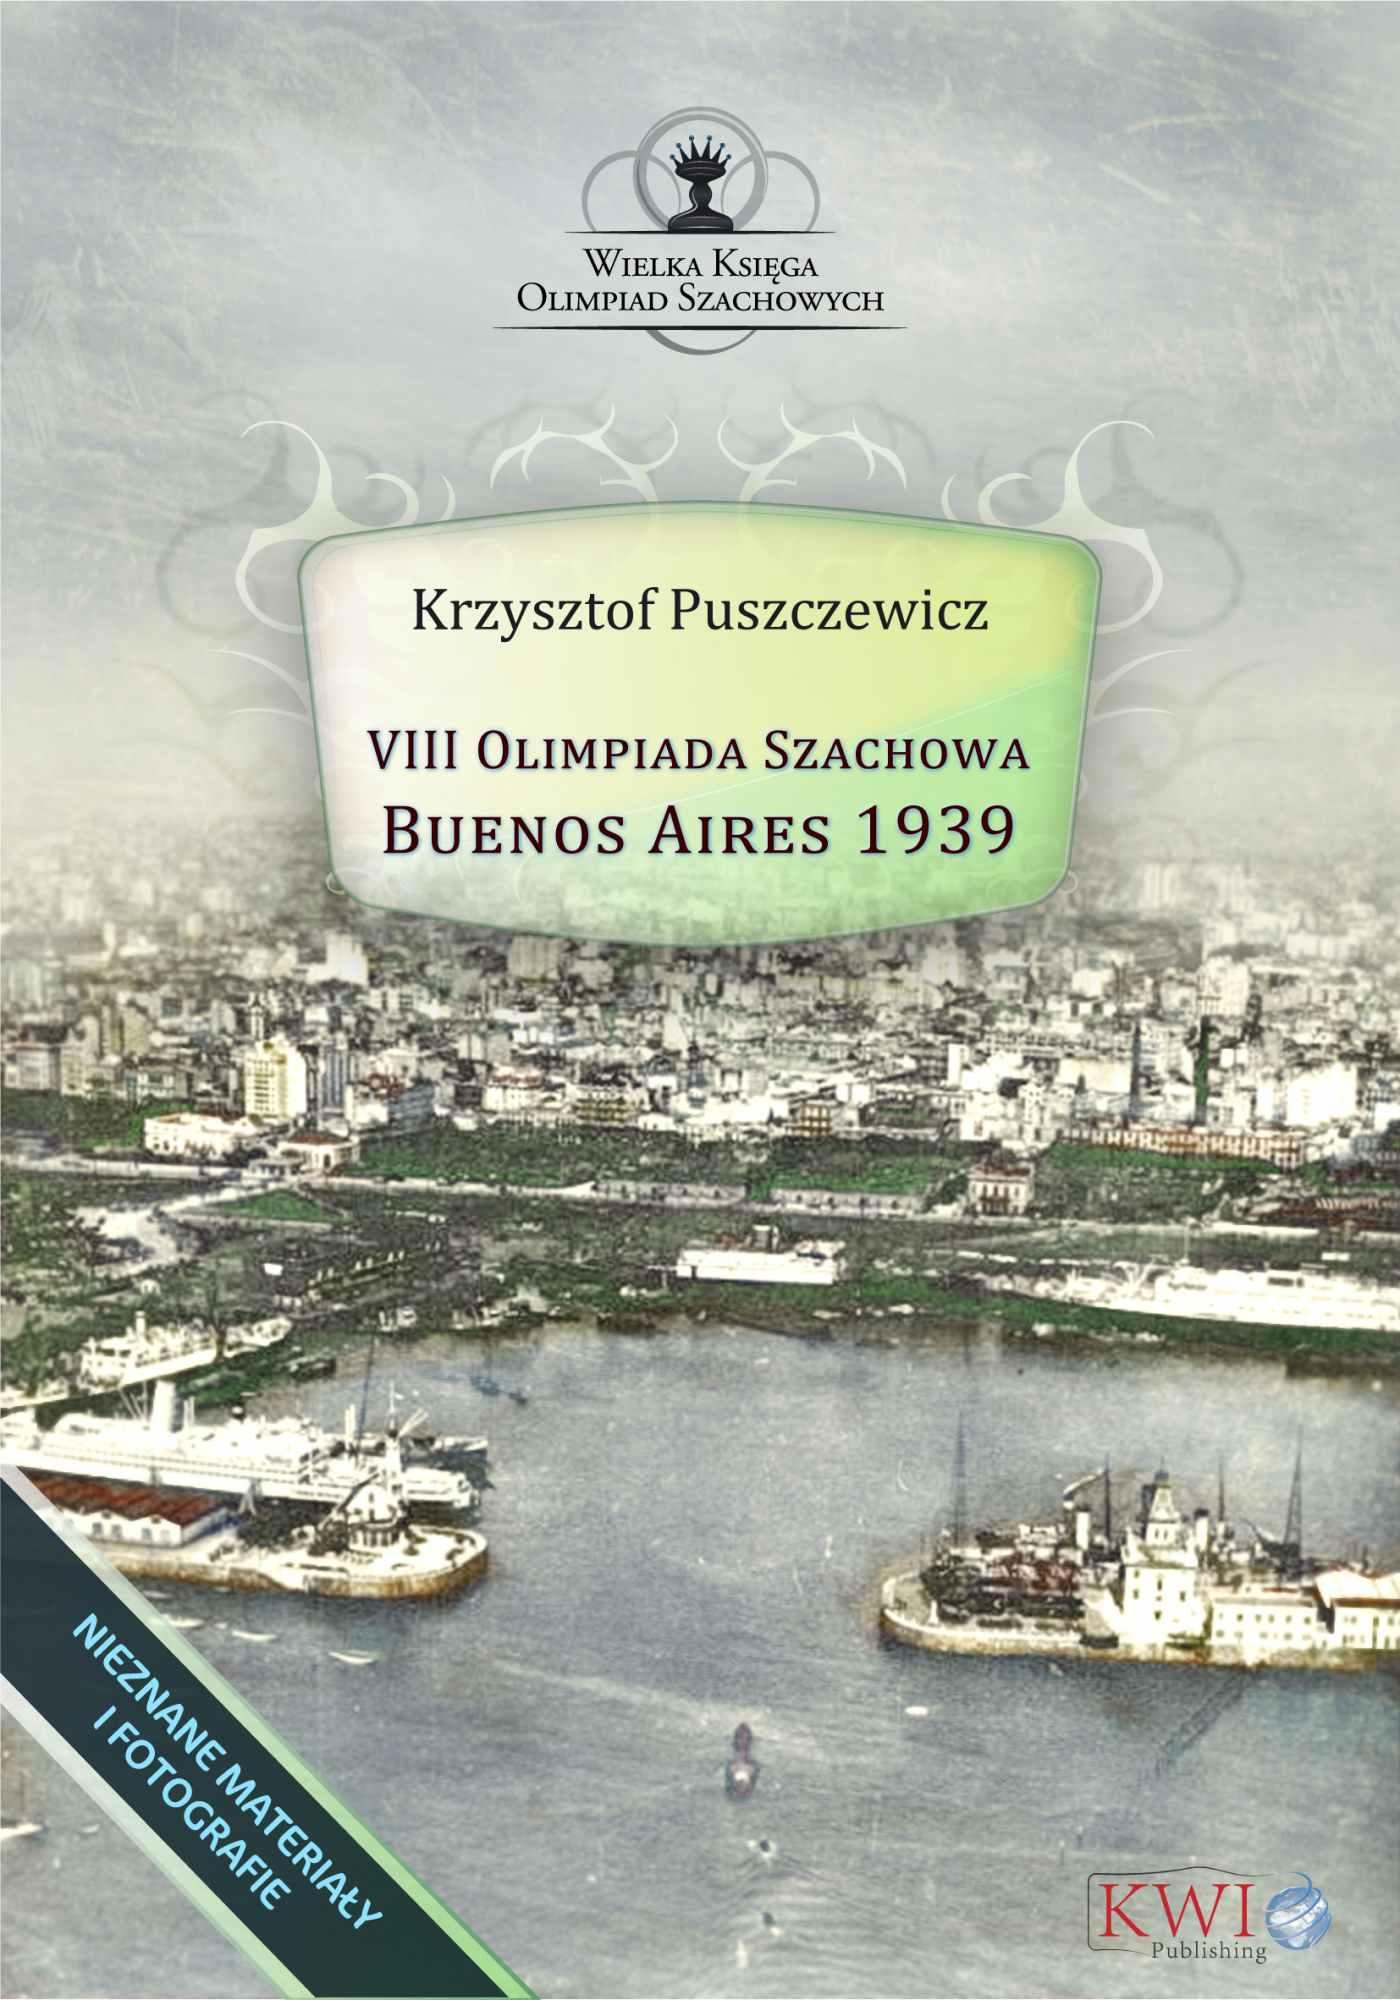 VIII Olimpiada Szachowa - Buenos Aires 1939 - Ebook (Książka na Kindle) do pobrania w formacie MOBI